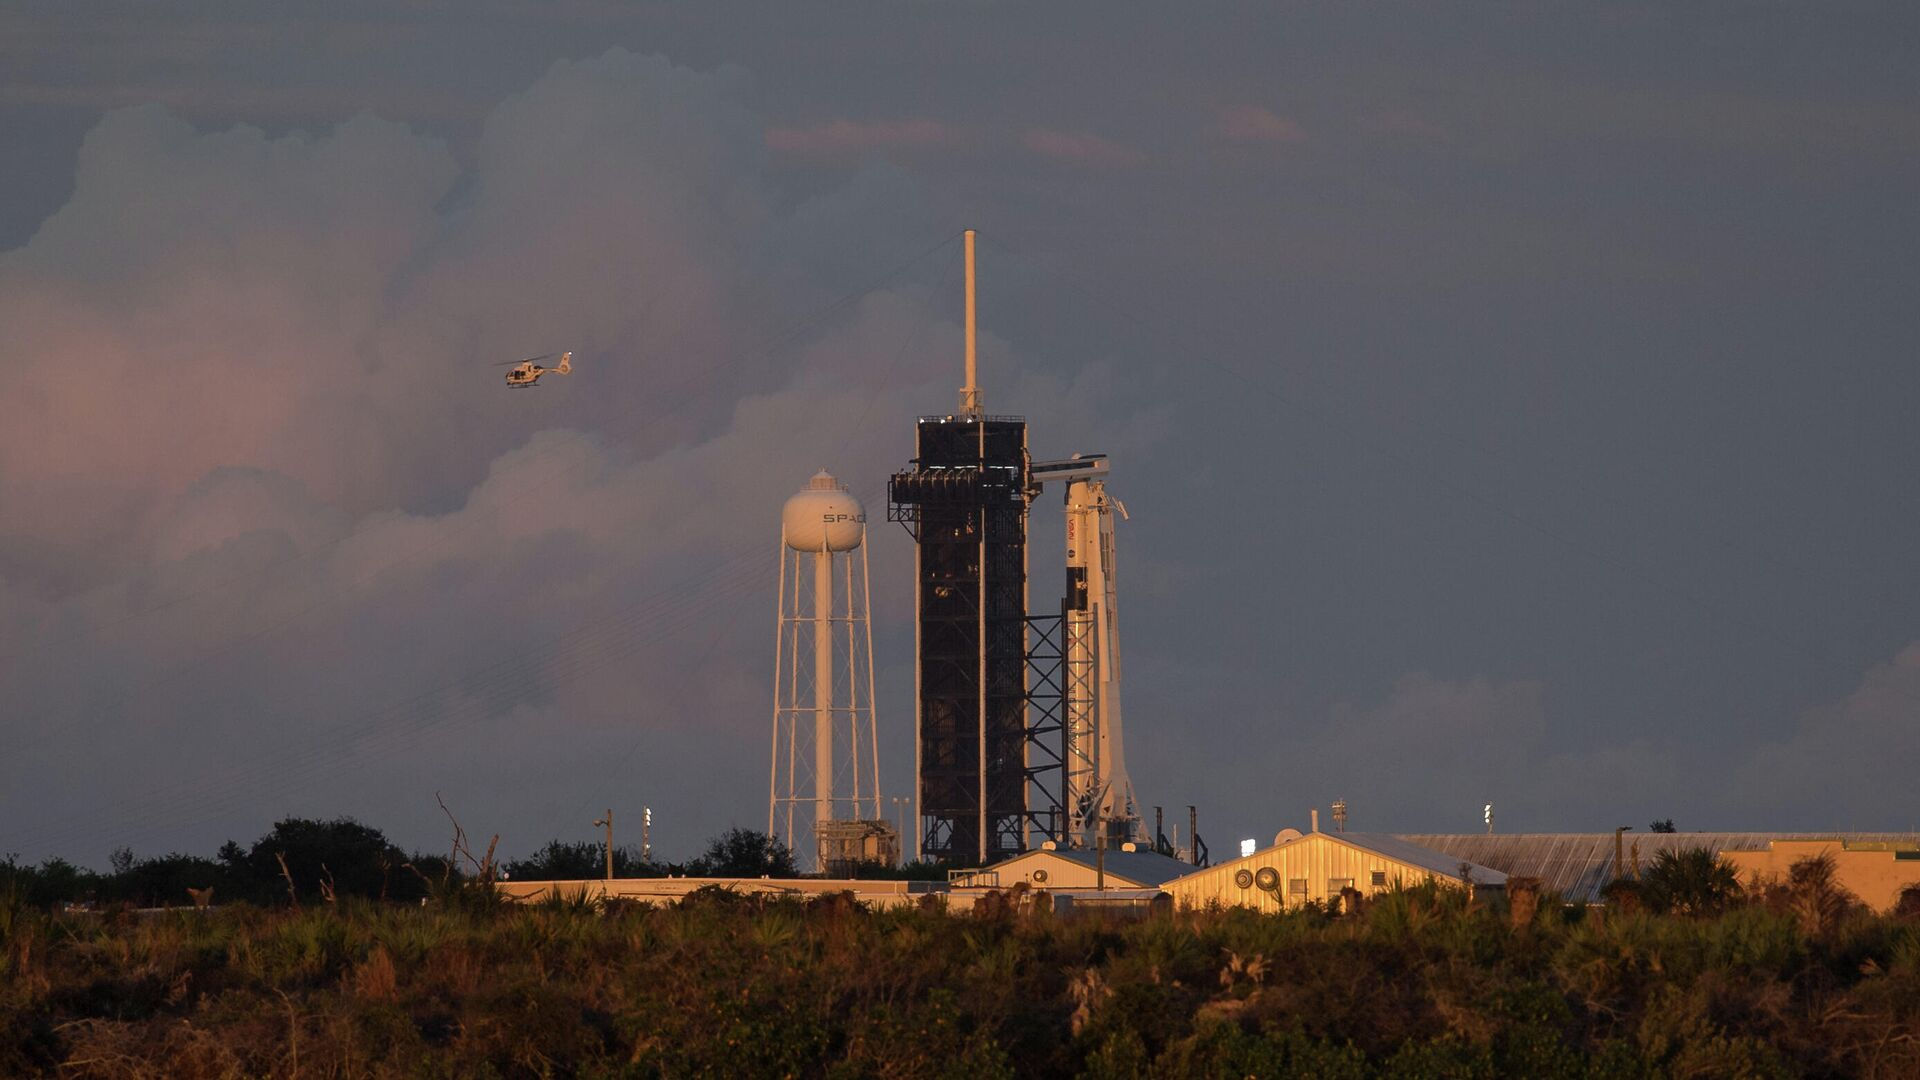 Ракета Falcon 9 стартовала во Флориде с группой спутников Starlink